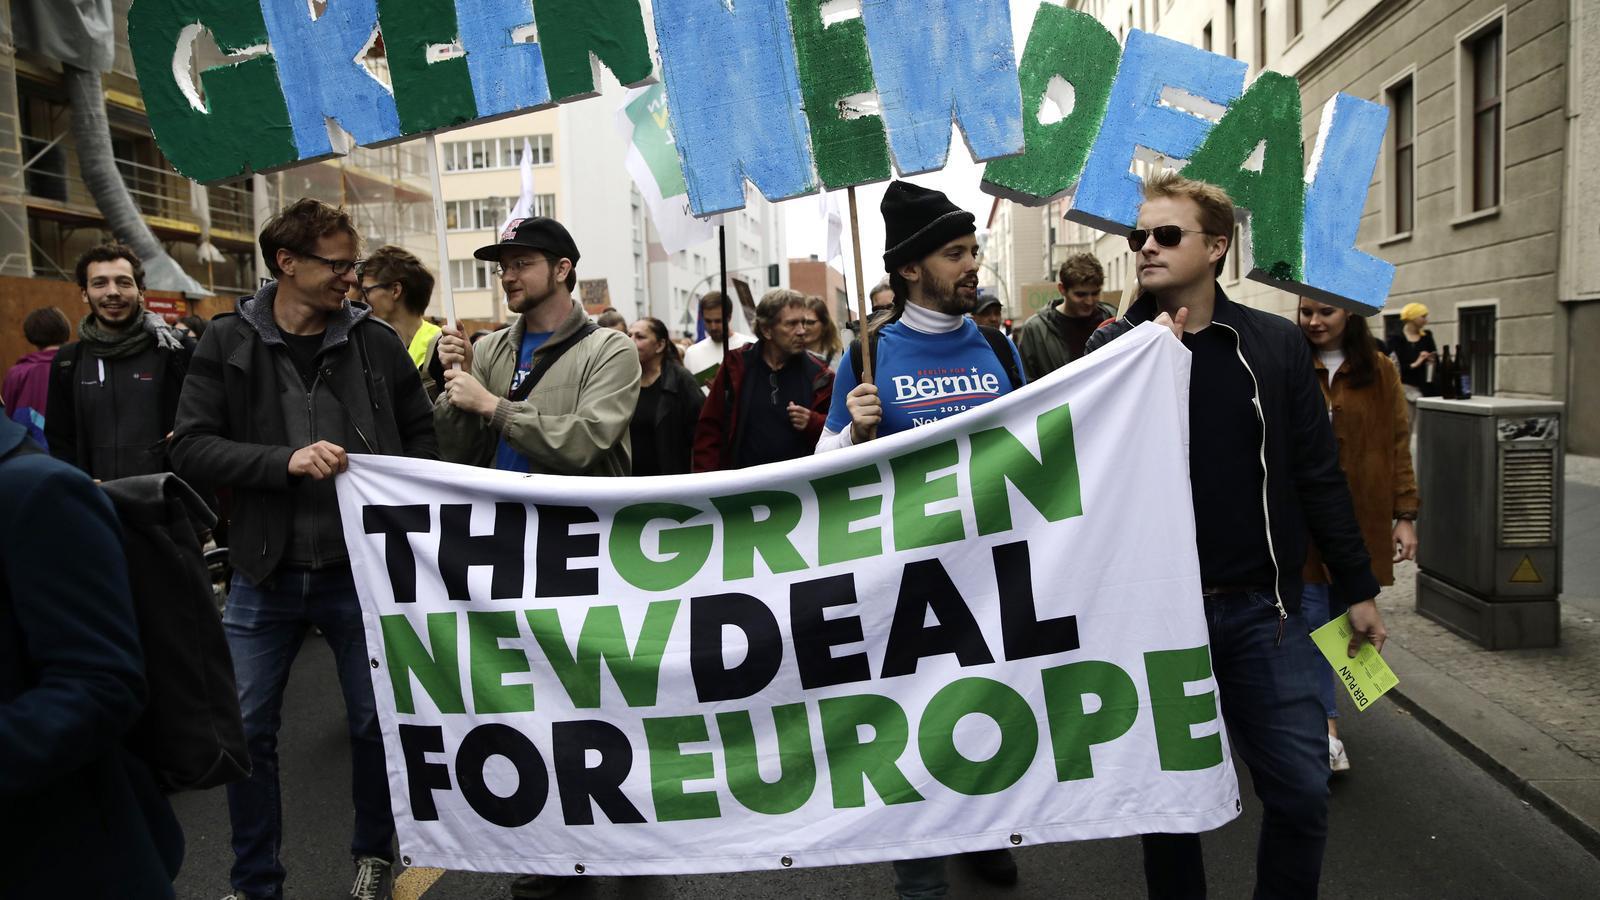 Participants d'una manifestació del moviment contra el canvi climàtic Fridays For Future a Alemanya